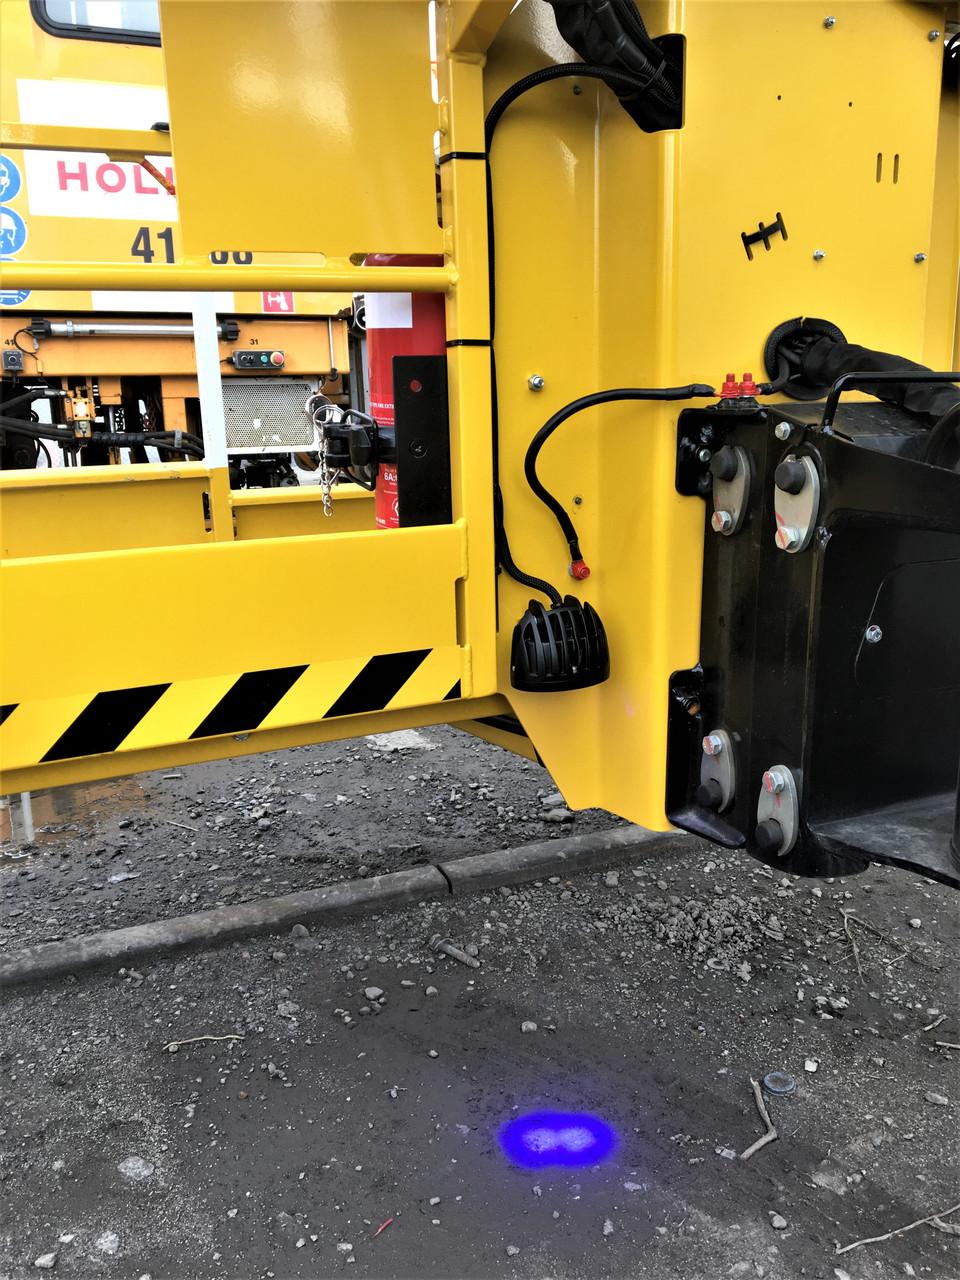 1. Blue Forklift Warehouse Pedestrian Safety Light. Forklift Blue Spot Awareness Light. Workplace Pedestrian Safety Light. 10 watts. Ultimate LED. Australia. FLBS-10